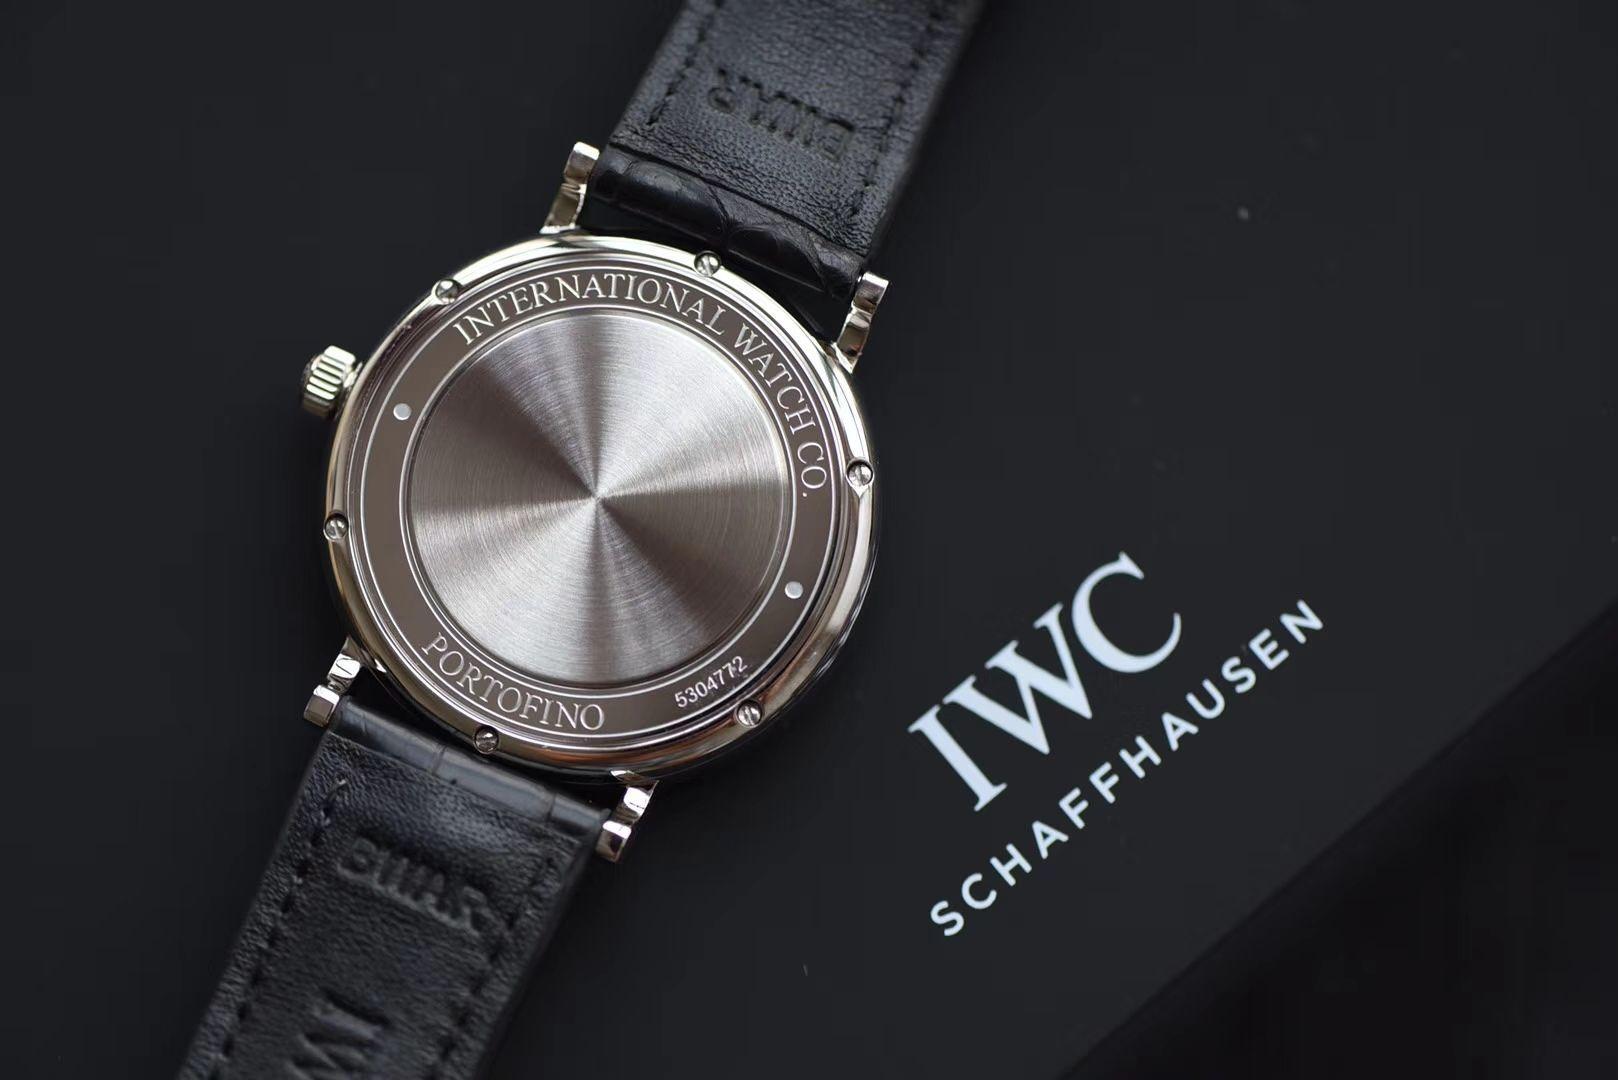 IWC万国表柏涛菲诺系列IW356502腕表【渠道出口订单原单】原封!缺个经销商印章就是正品!